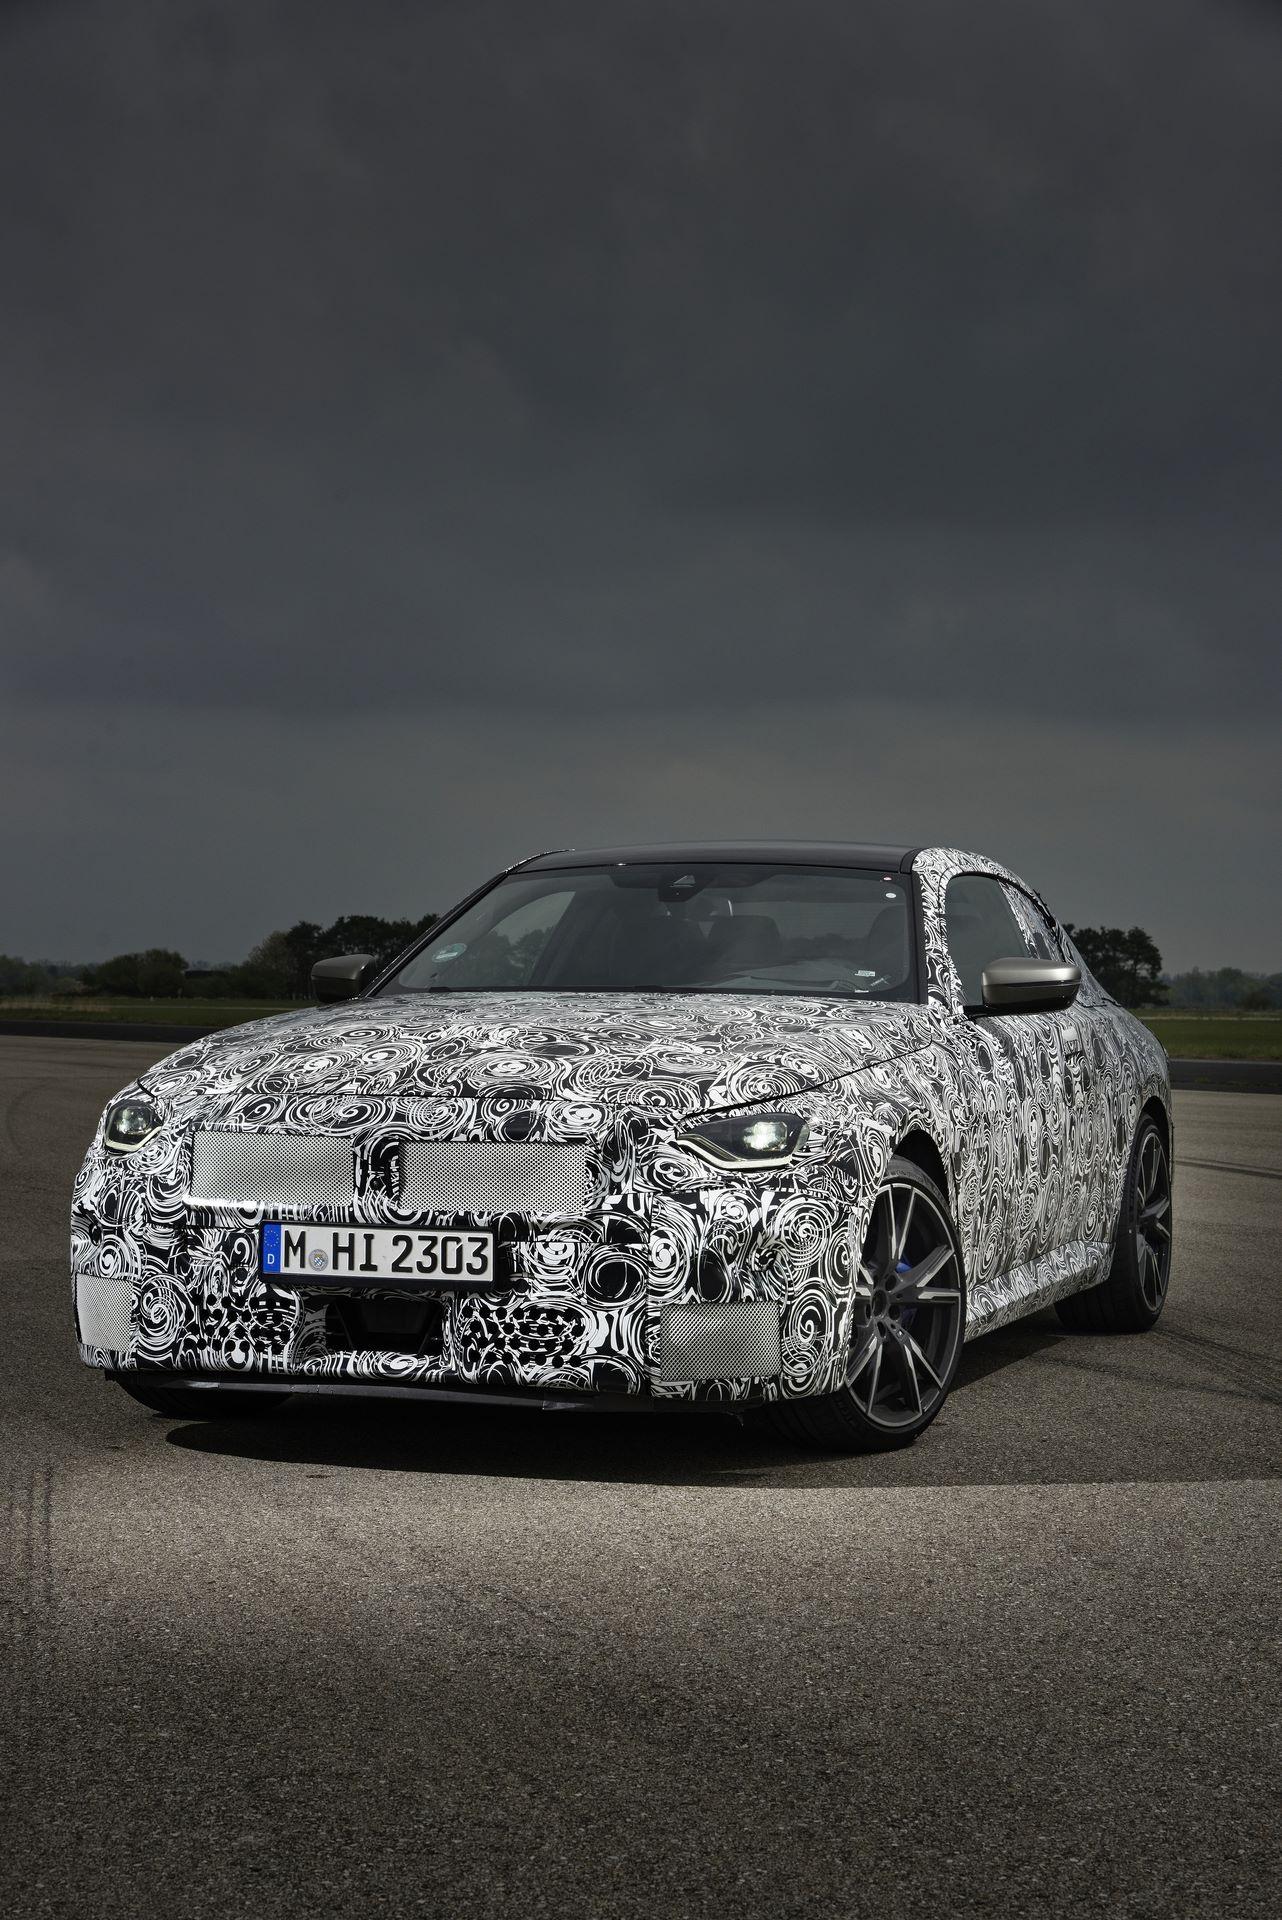 BMW-2-Series-M240i-spy-photos-100